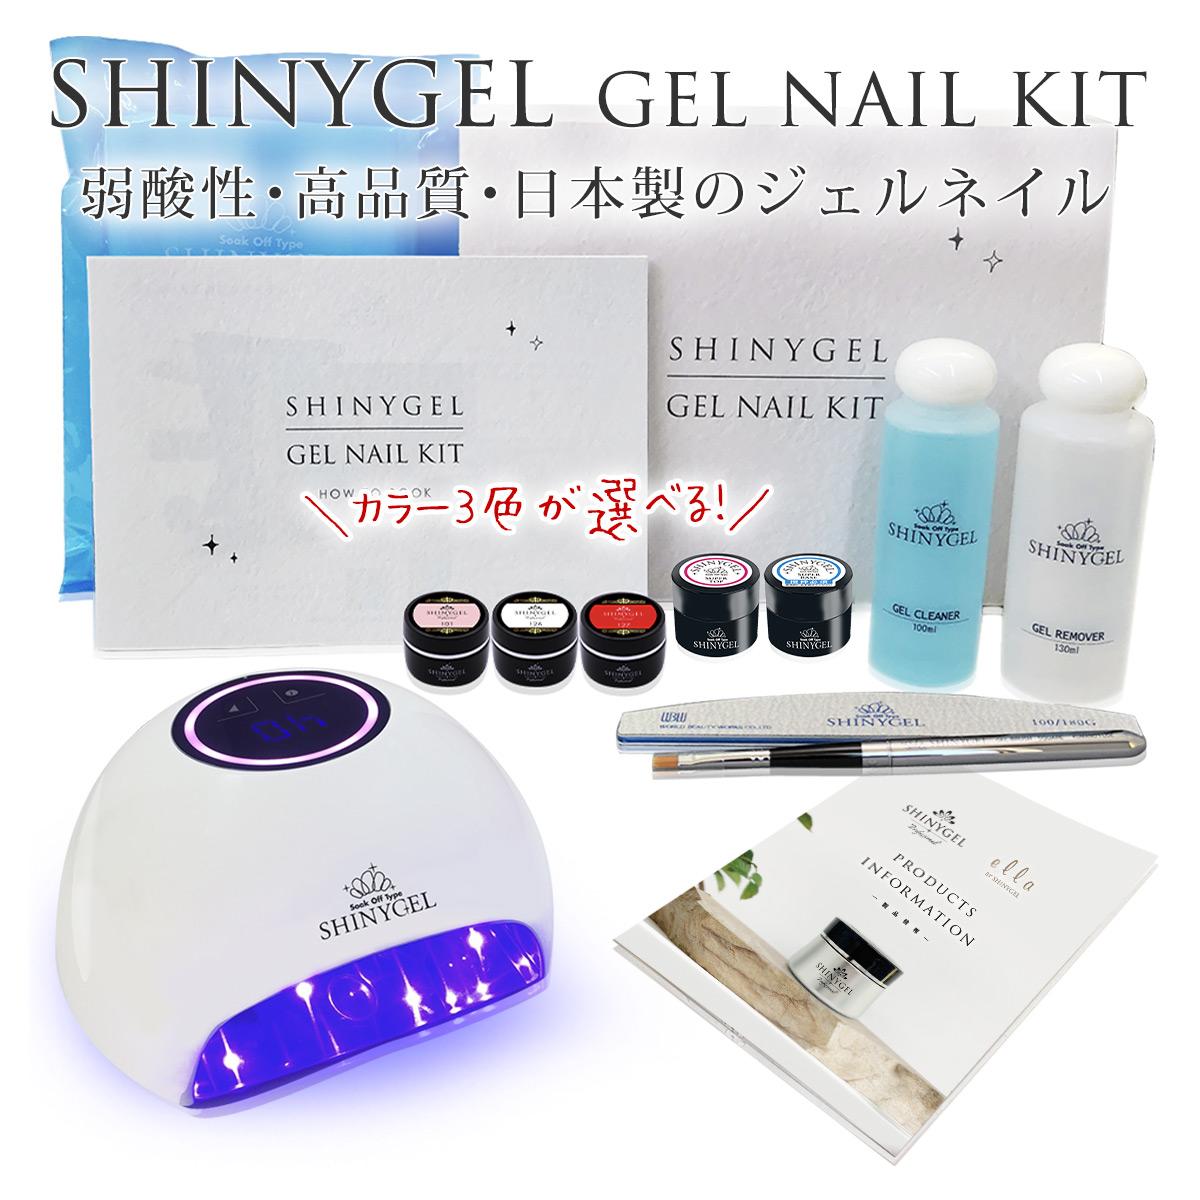 【レビューを書いてプレゼントGET】[LED]≪限定セット16W≫SHINYGEL(シャイニージェル):ジェルネイルキット(16W LEDランプ付) $